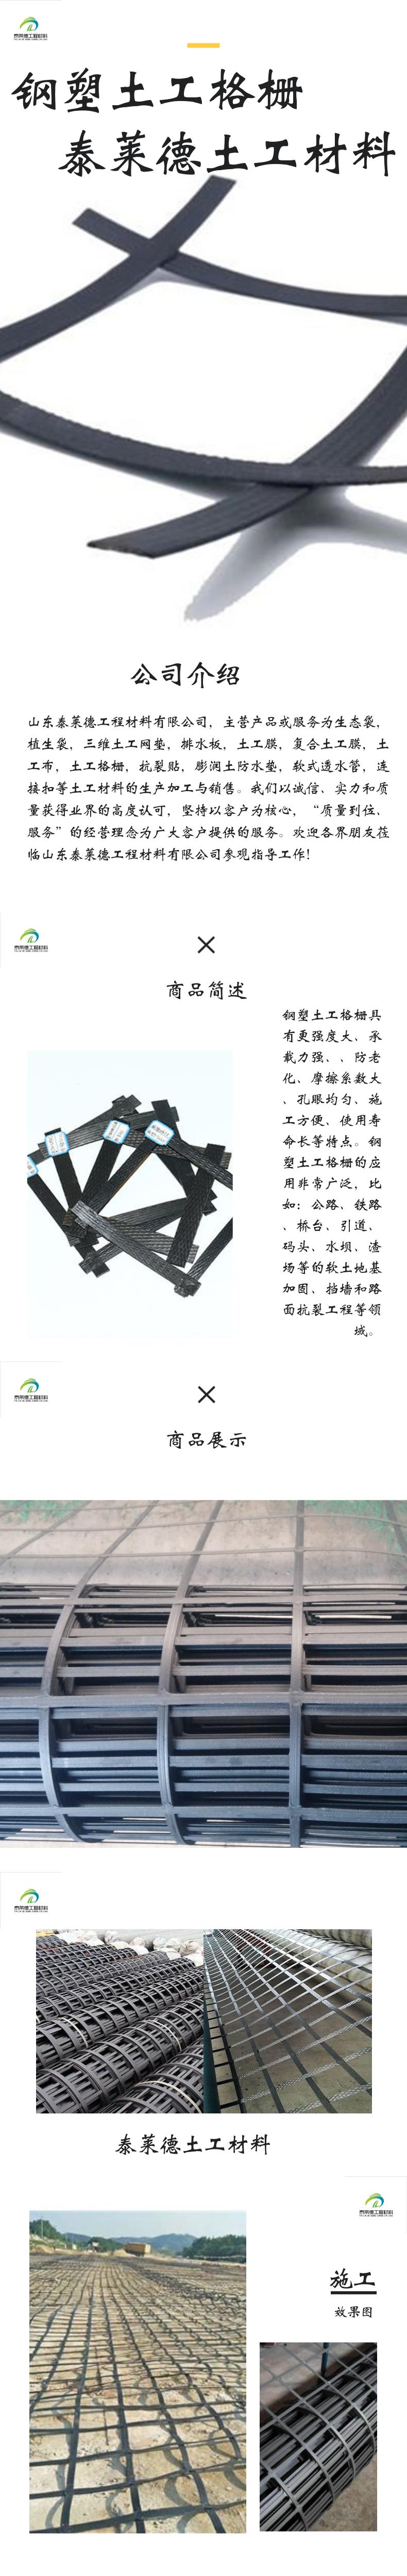 钢塑土工格栅1818@凡科快图.png